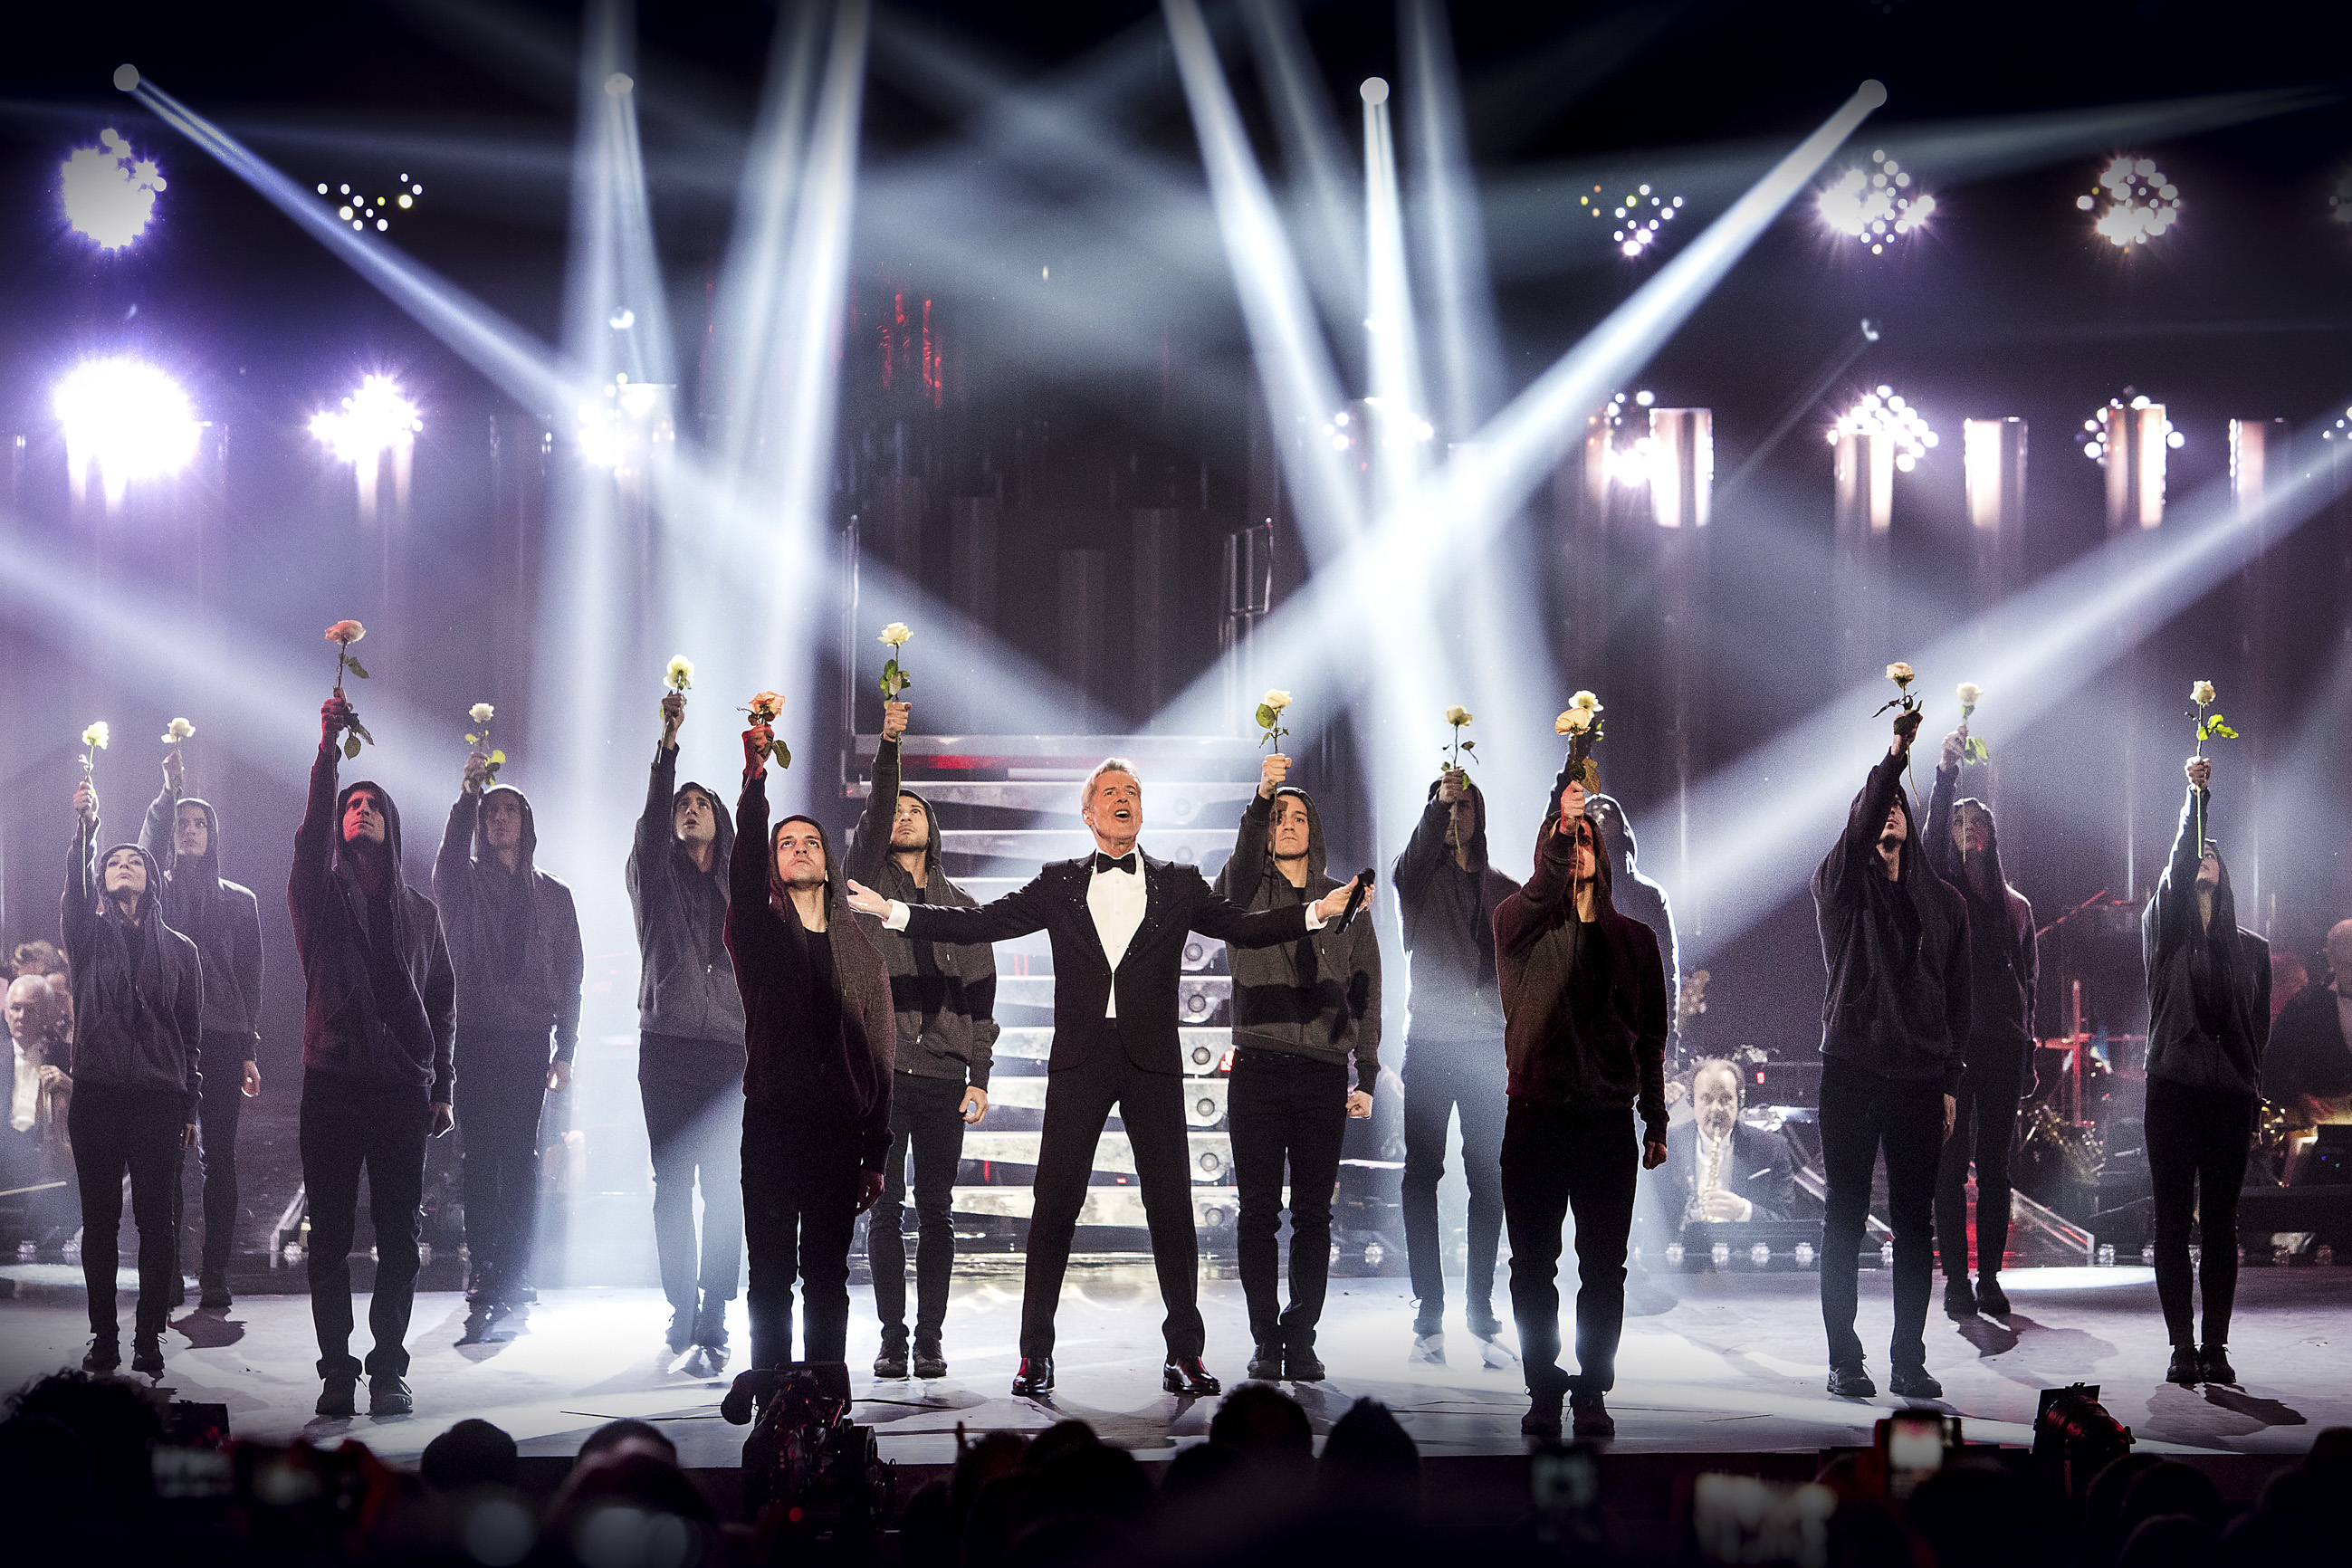 69° Festival della Canzone Italiana - Teatro Ariston Sanremo